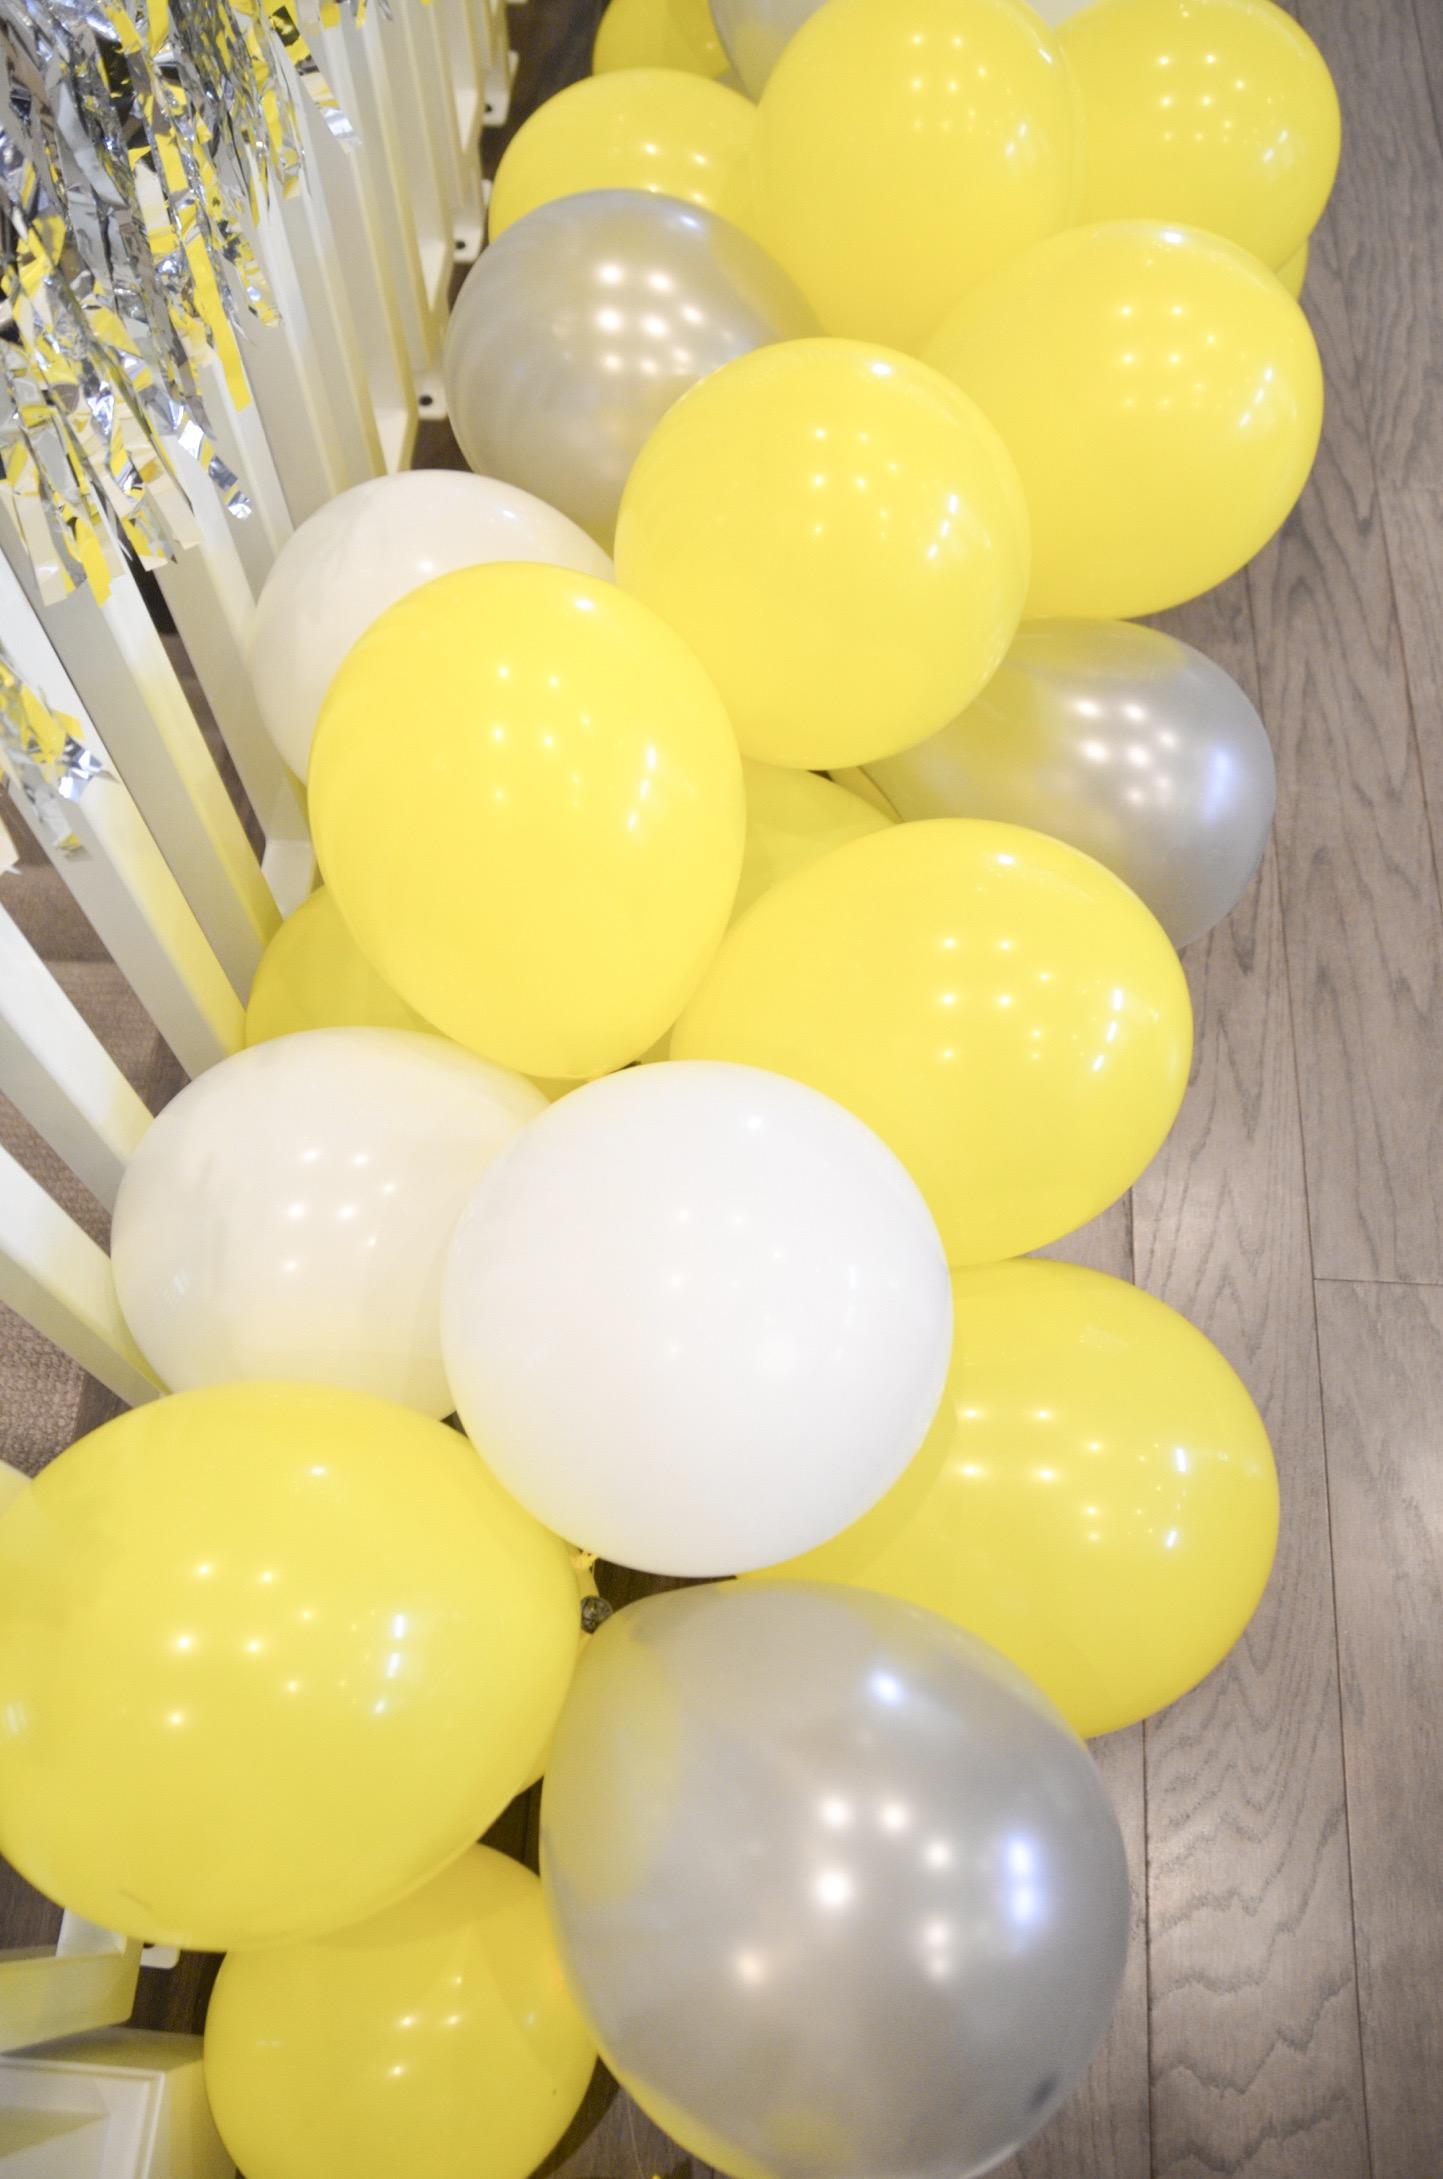 DIY-Balloon-Arch-4.JPG